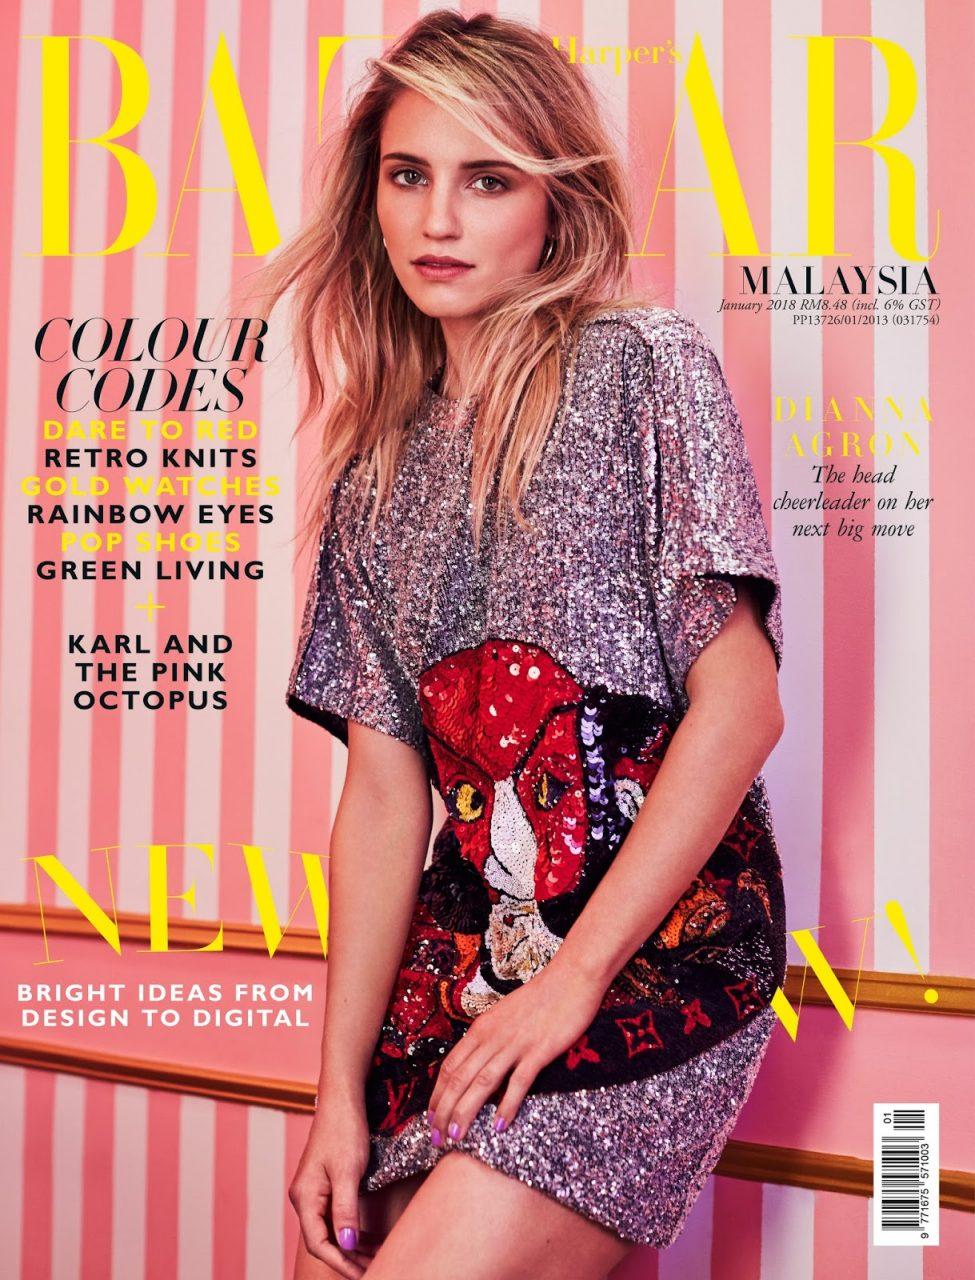 Cactus Retouch editorial Dianna Agron Harper's Bazaar Malysia 1